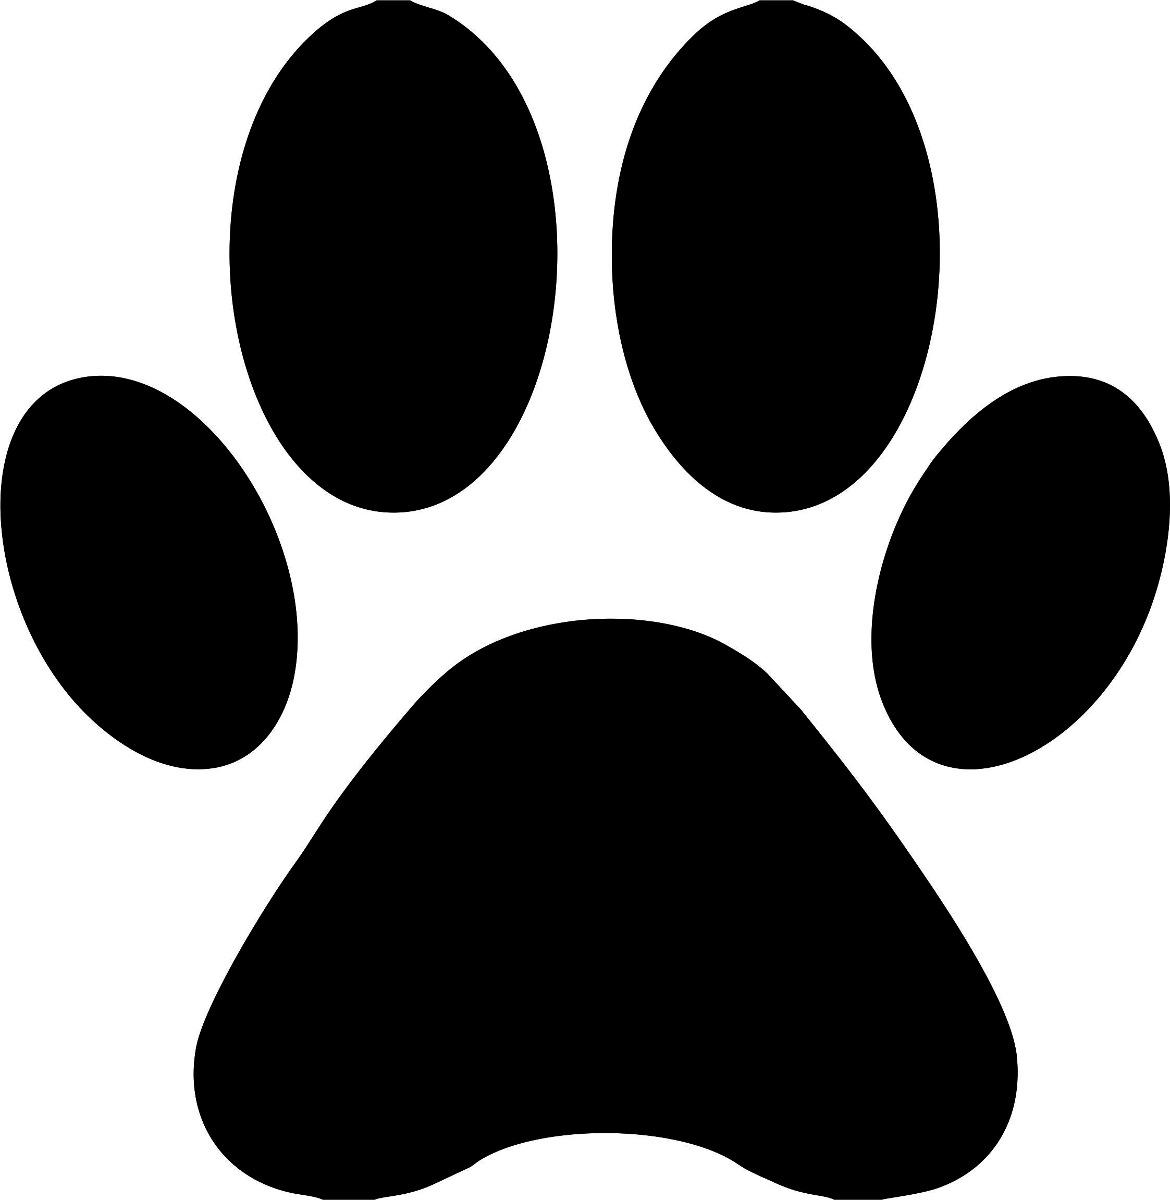 Adesivo Pegada De Cachorro C 227 O 3x3 140 Un Frete Fixo R